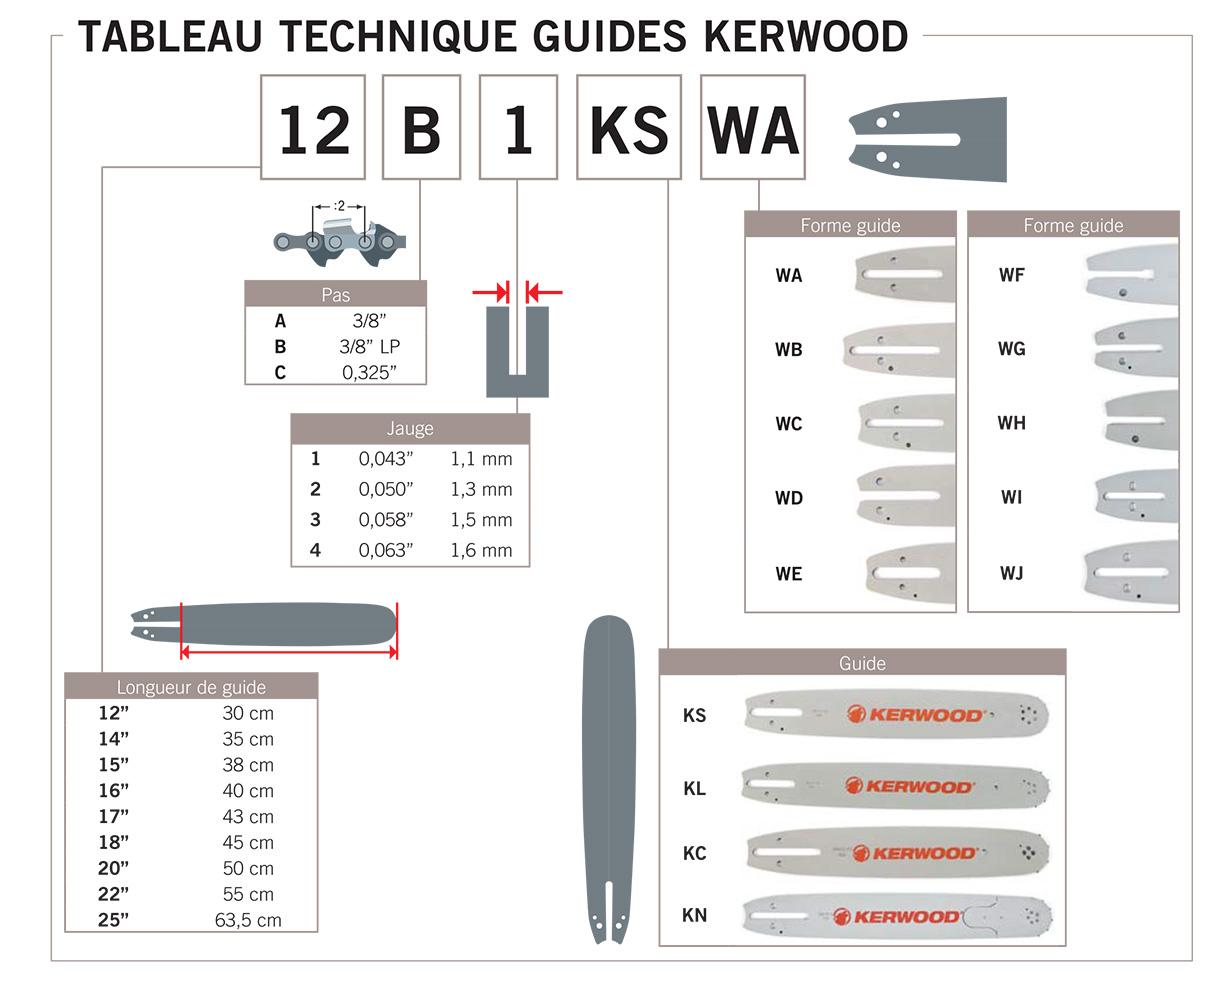 guide 40cm 163rndd025 power match guides oregon. Black Bedroom Furniture Sets. Home Design Ideas